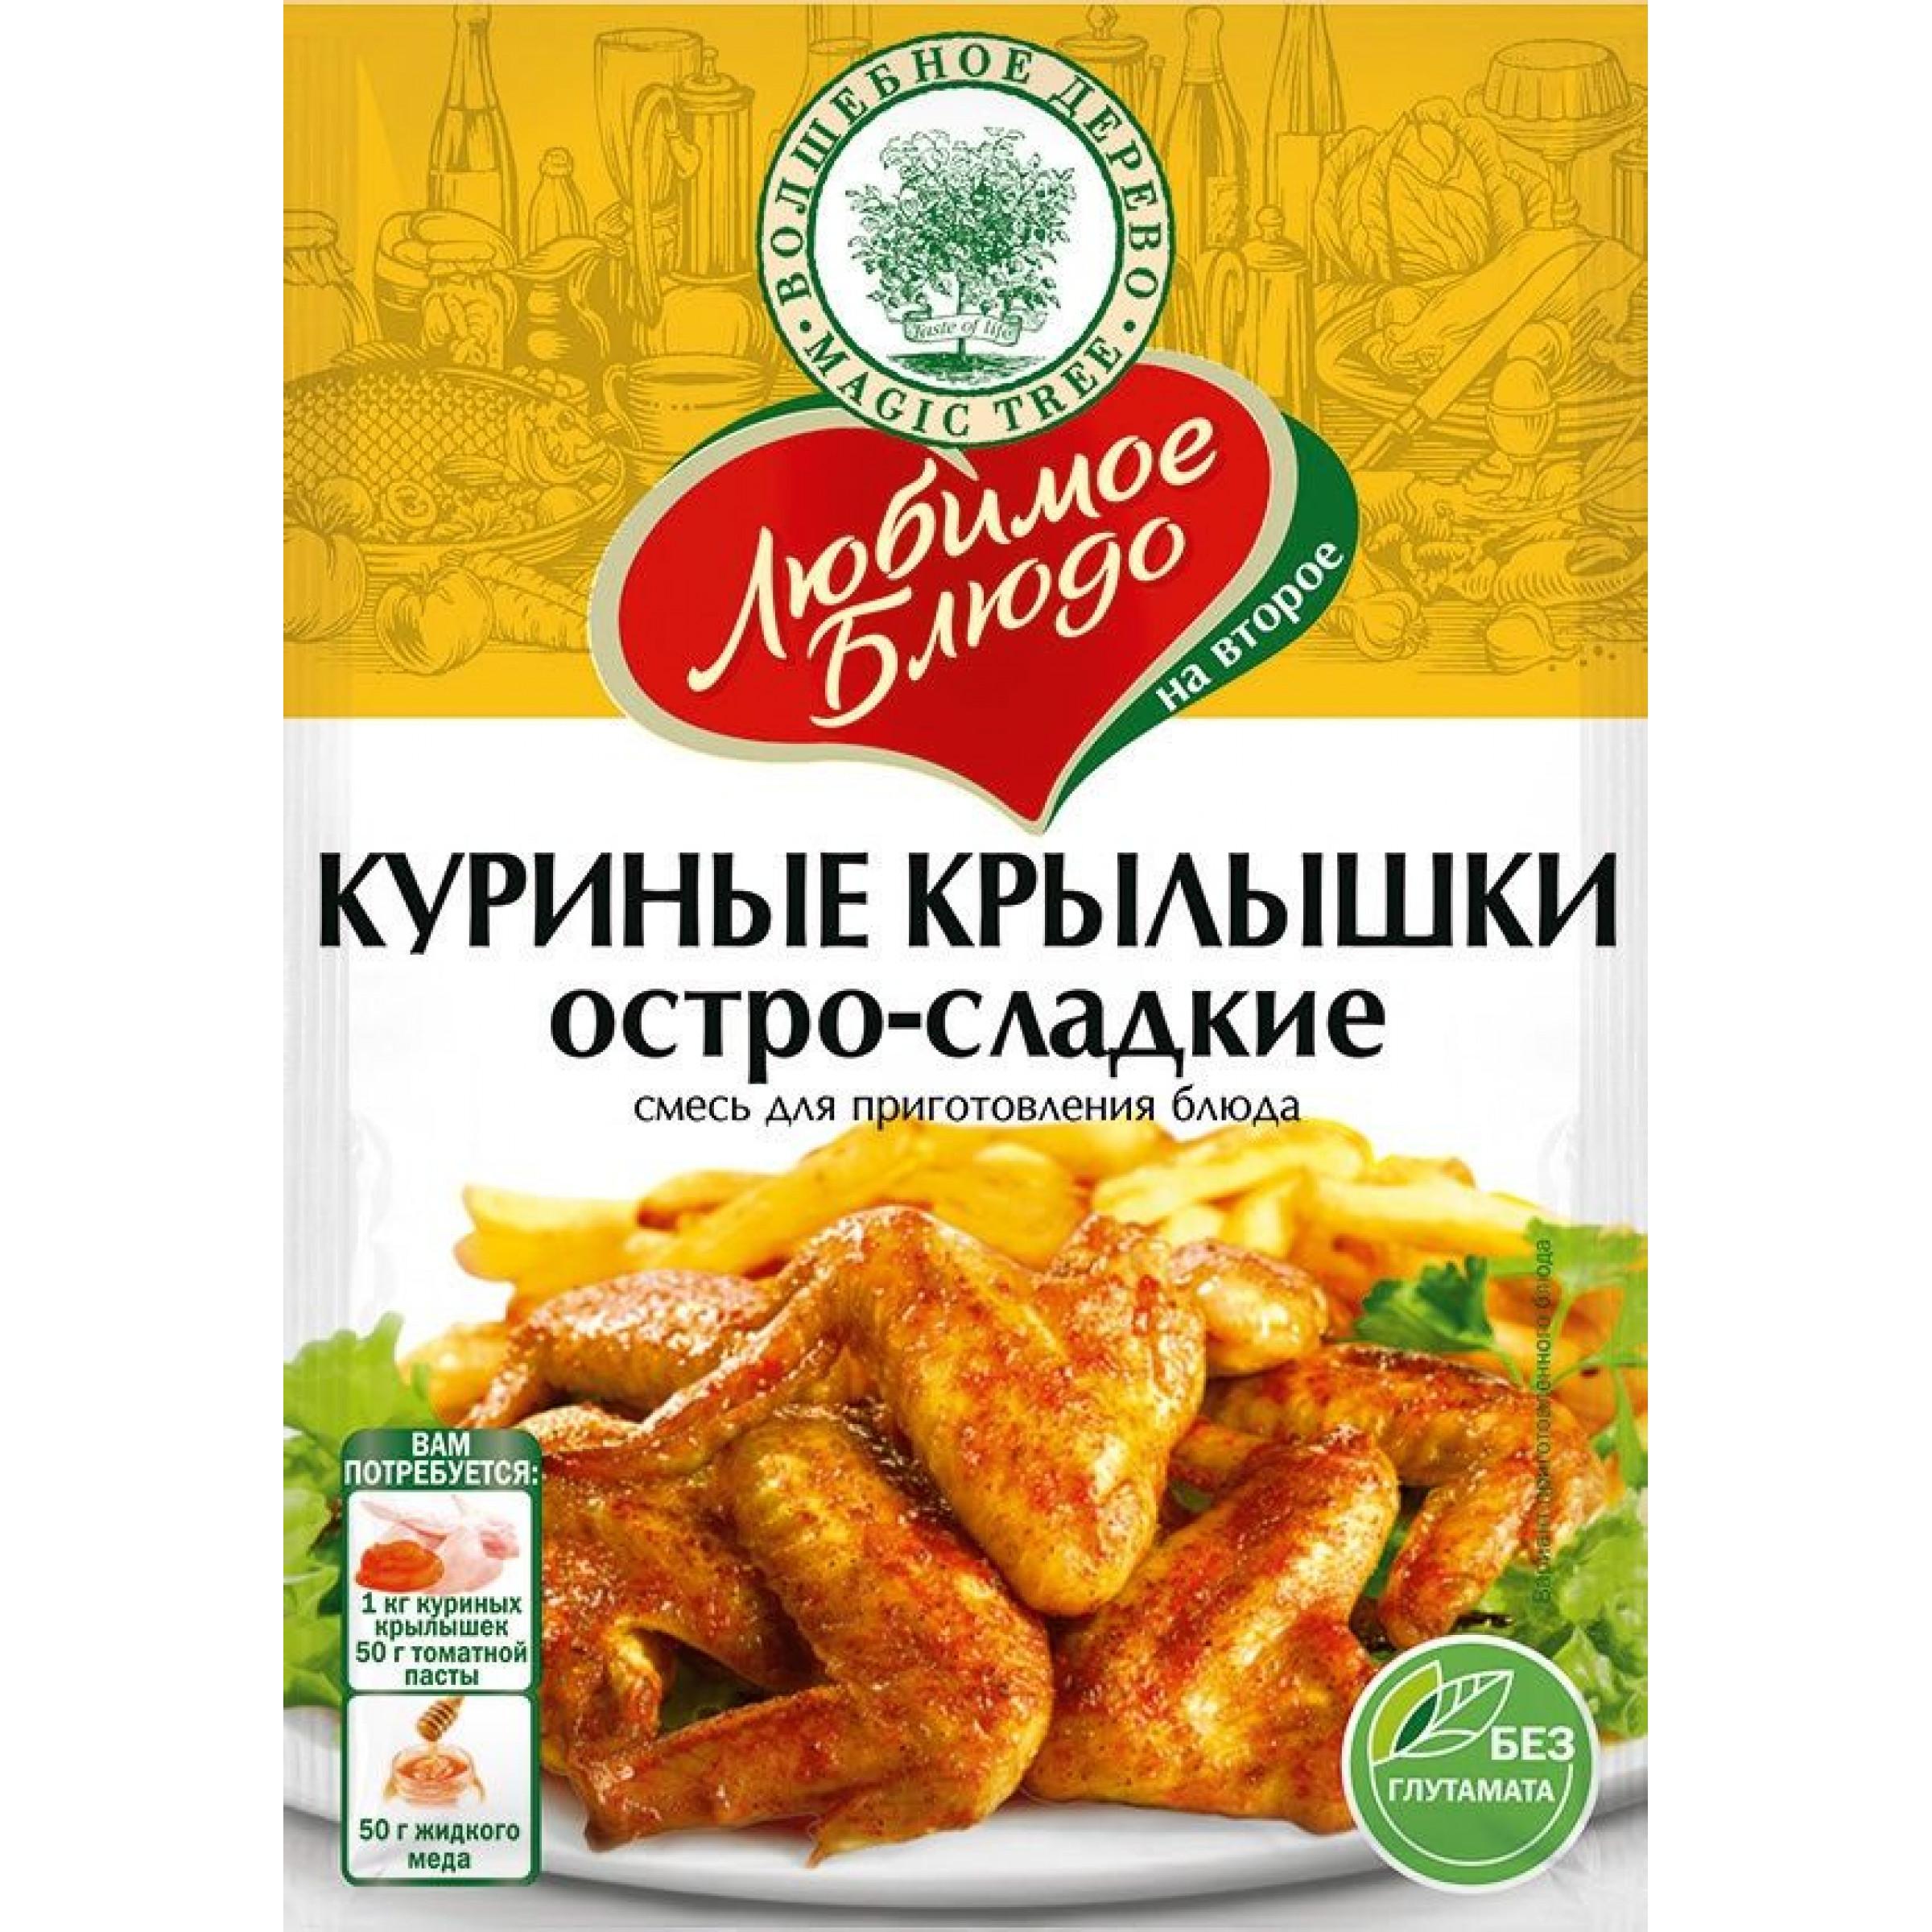 """Смесь для приготовленя блюда """"Куриные крылышки остро-сладкие"""" Волшебное дерево, 30гр"""